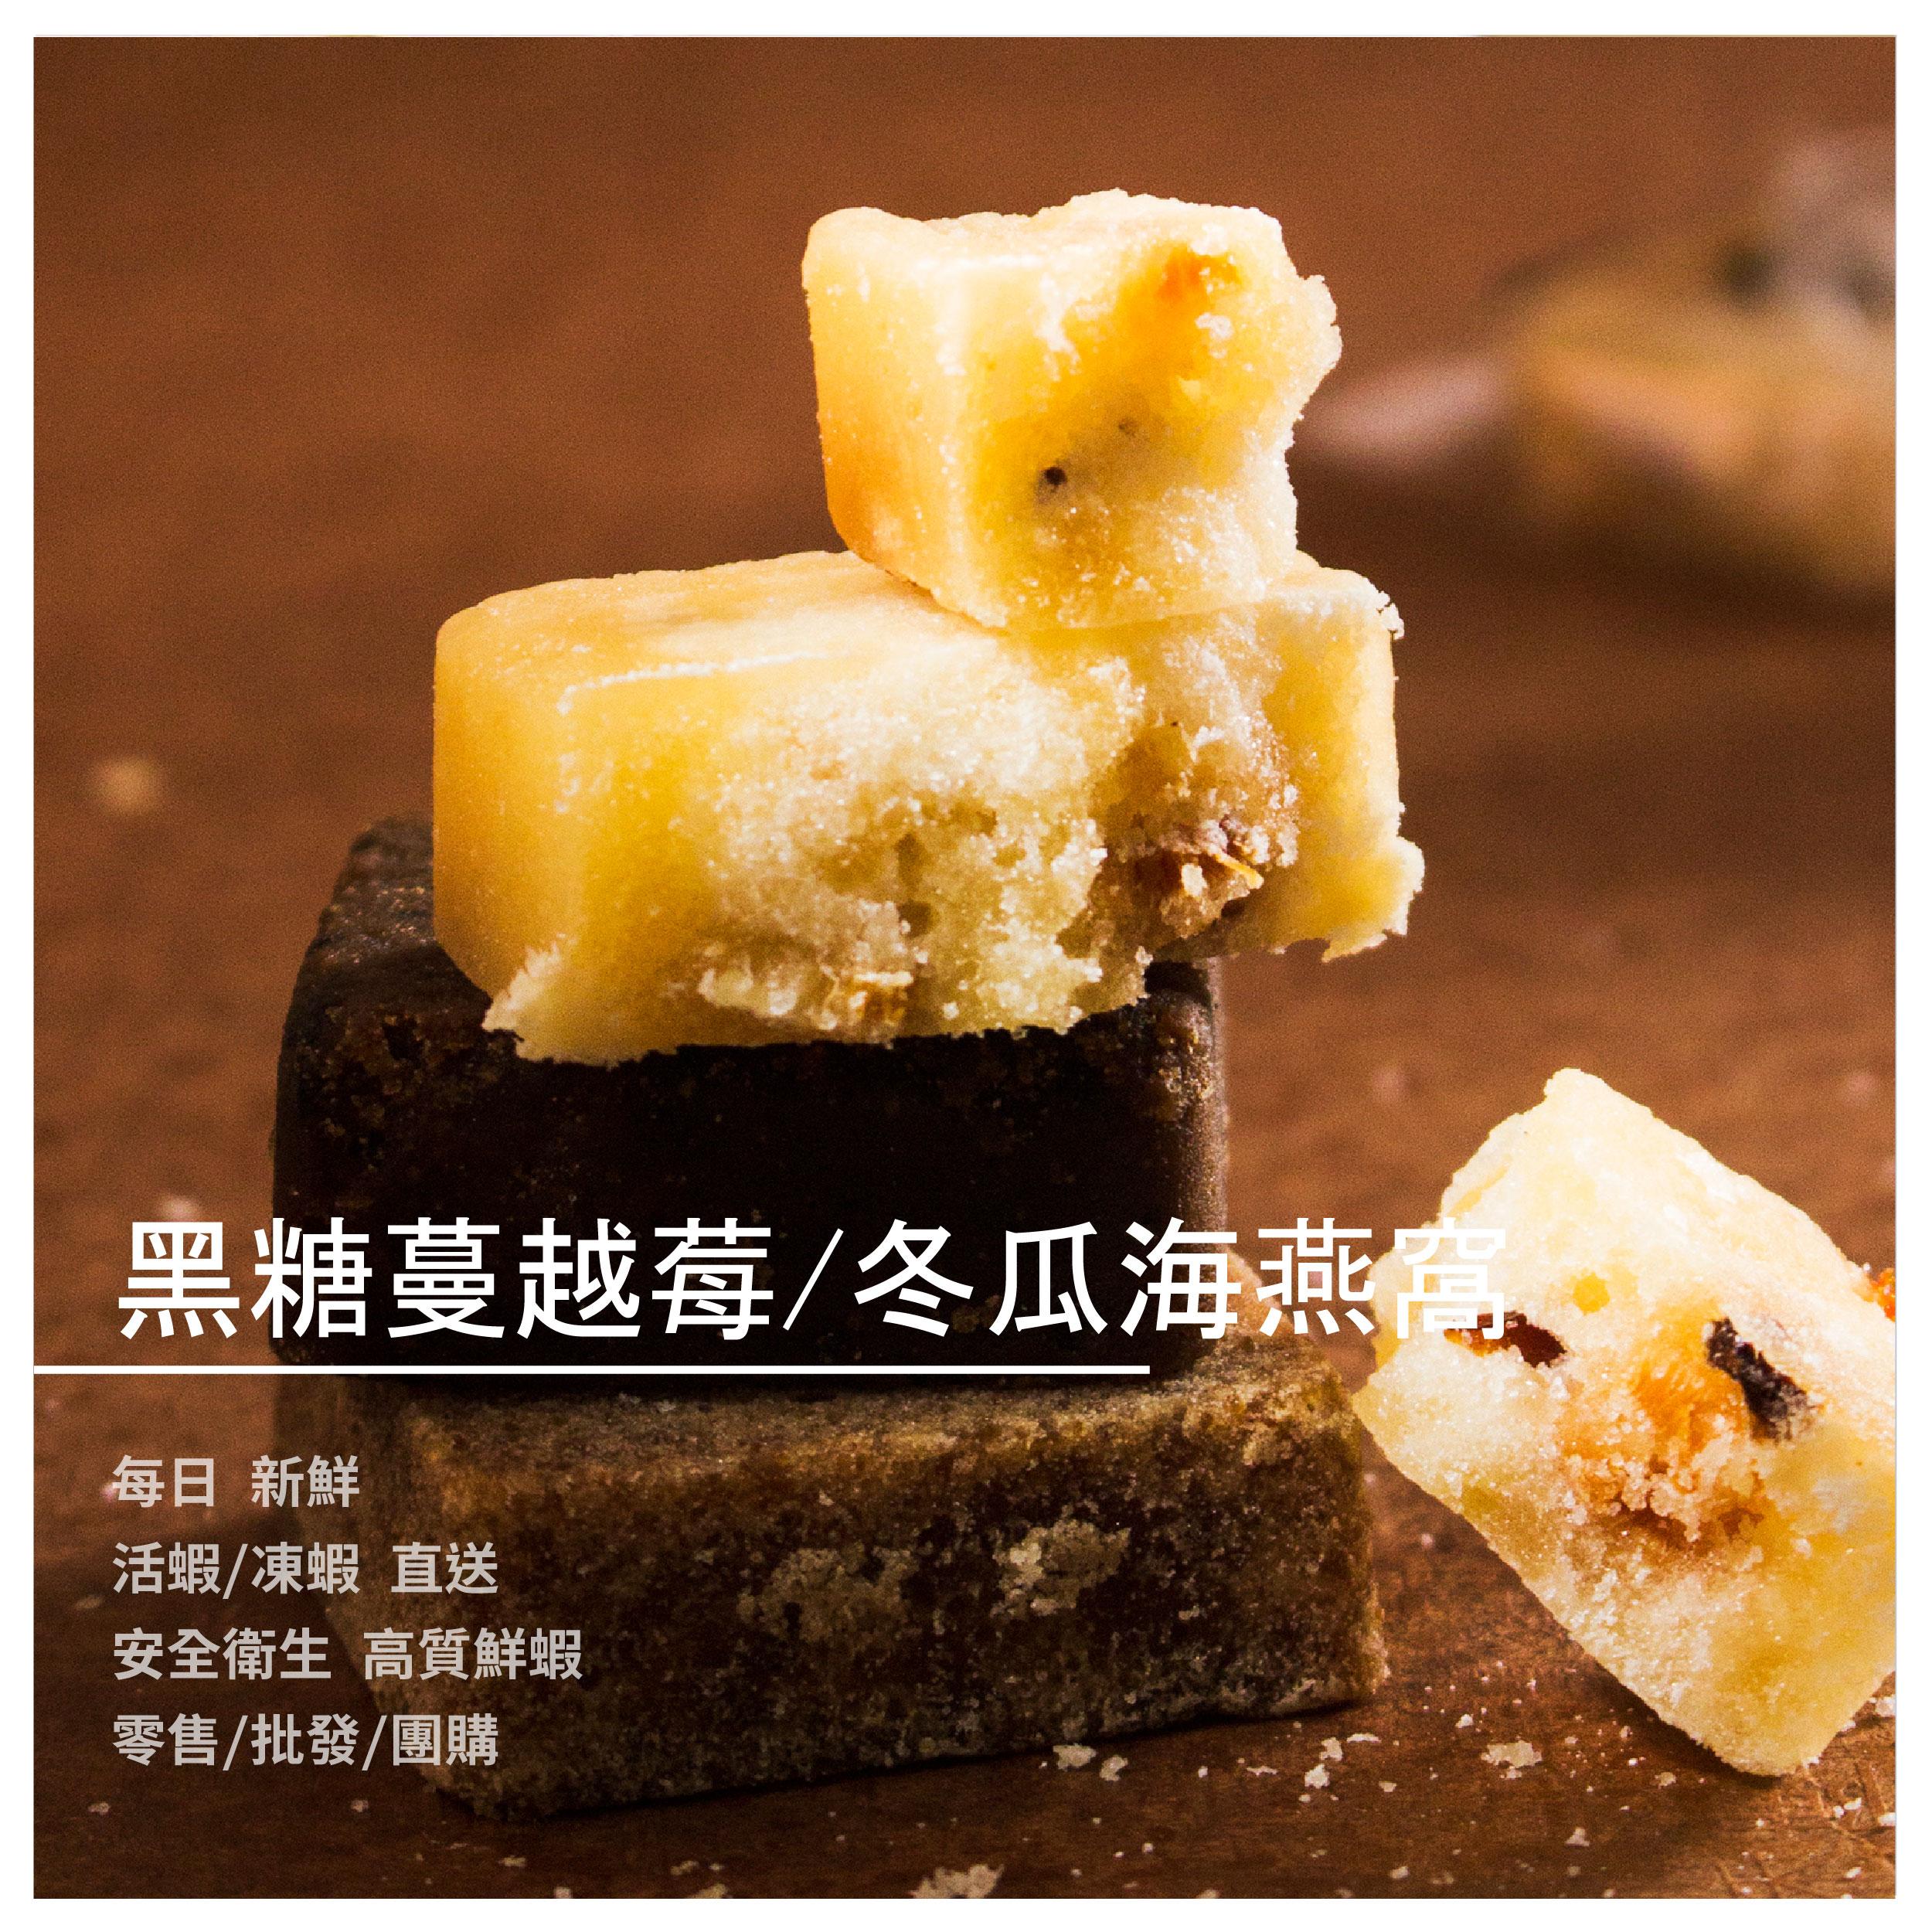 【黑金傳奇黑糖薑母茶】黑糖蔓越莓/冬瓜海燕窩